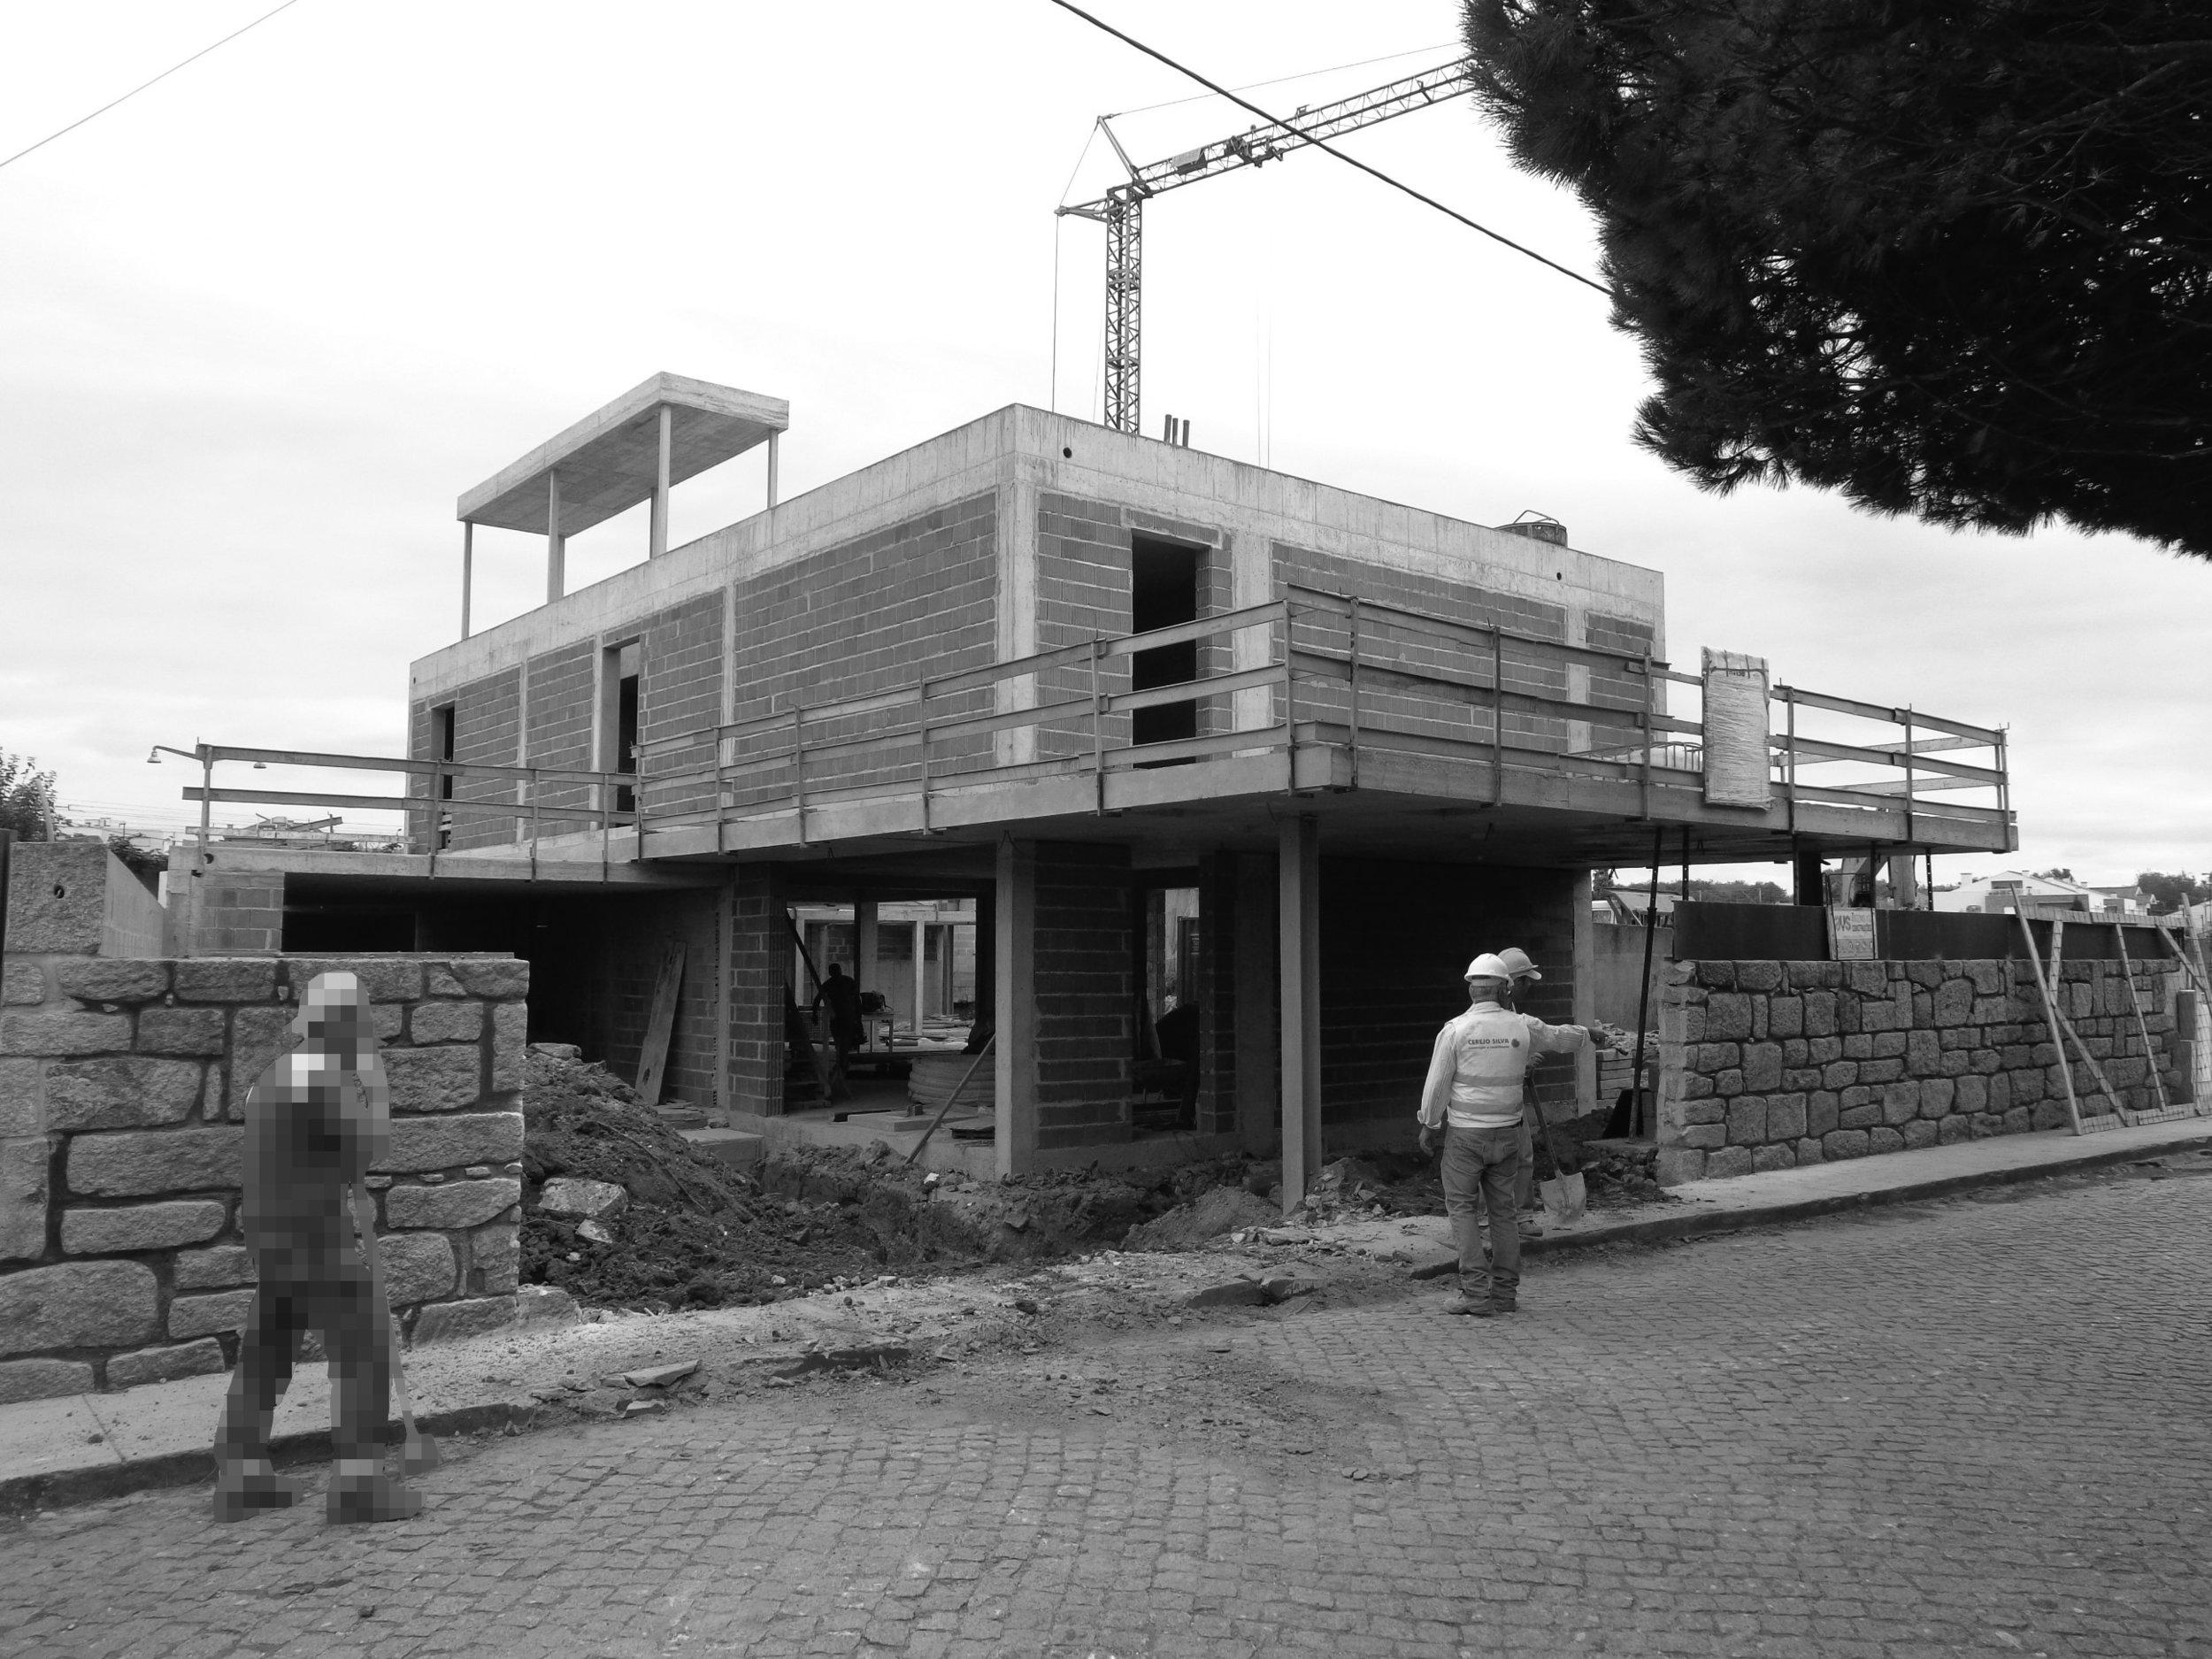 Moradia Alfazema - EVA evolutionary architecture - vila nova de gaia - arquitecto - porto (12).jpg